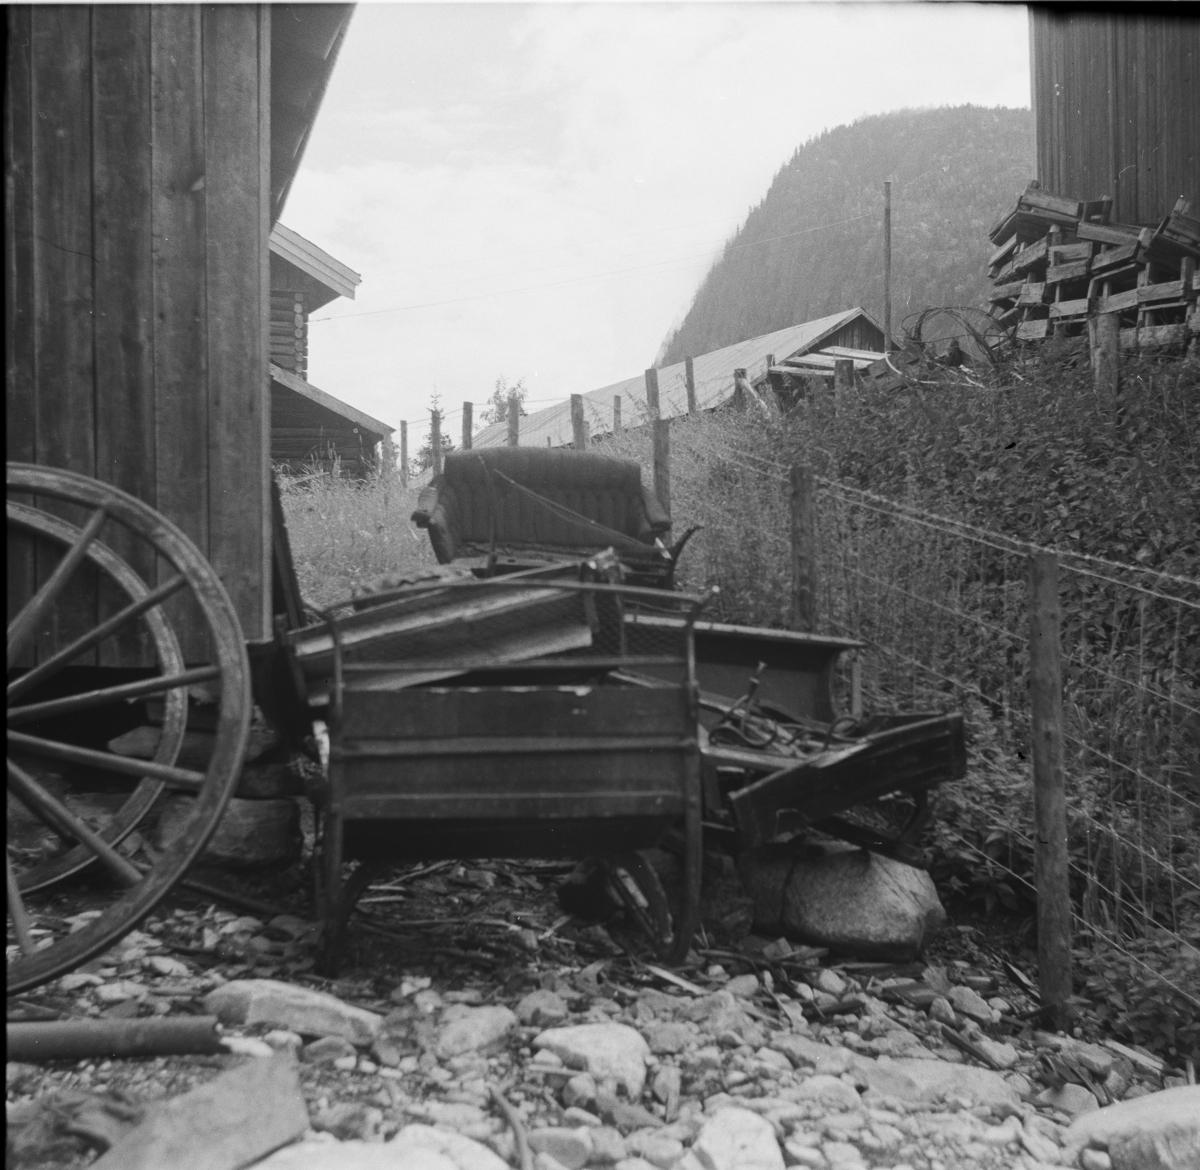 Rester av gamle sleder henslengt nær Nesbyen stasjon.